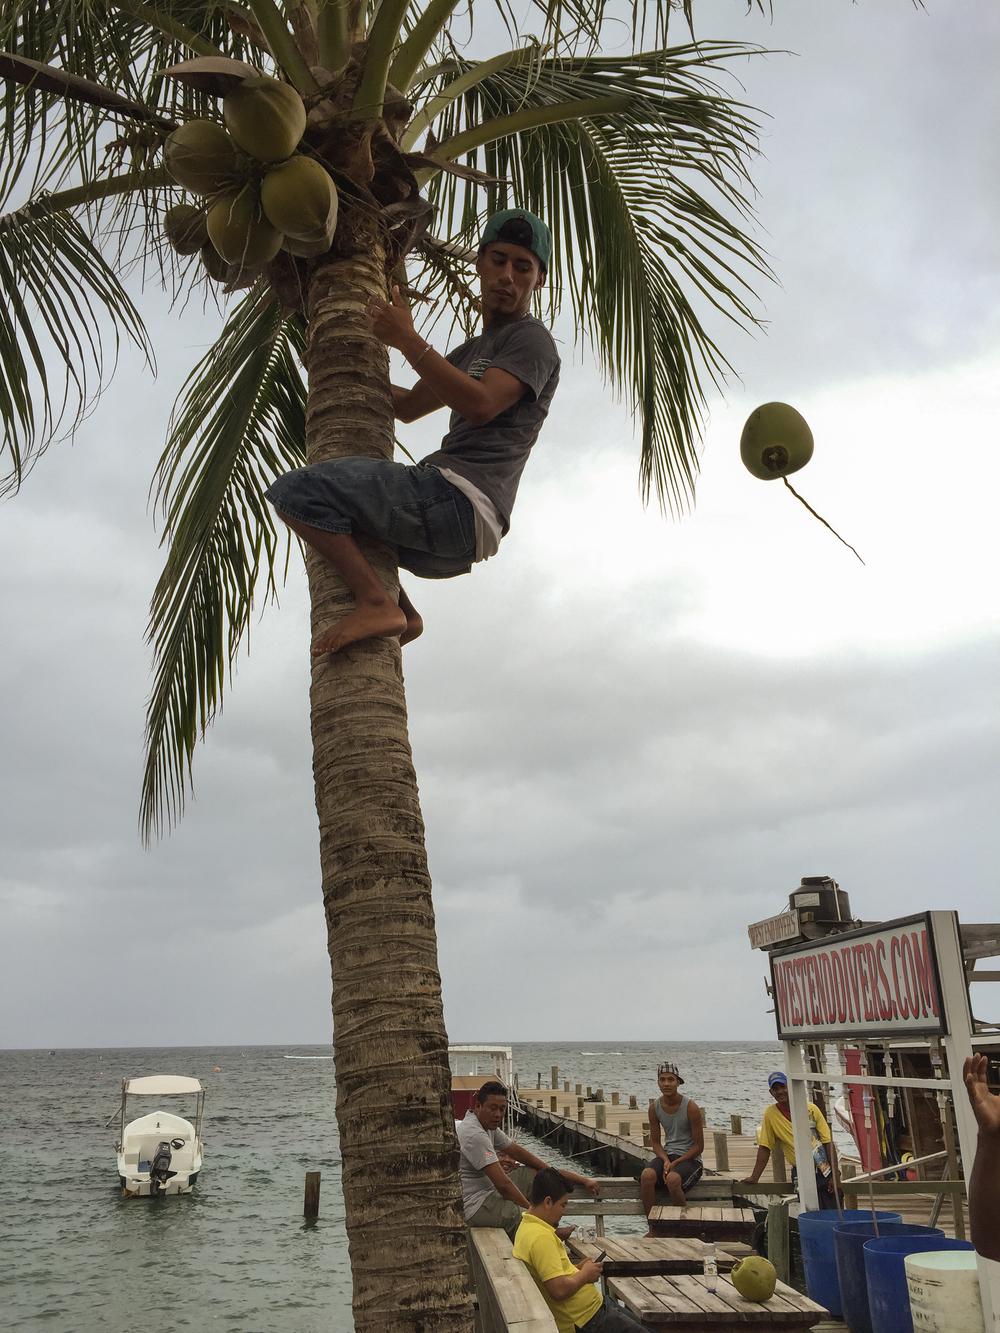 Darwing being Darwing. West End, Roatán, Bay Islands, Honduras.